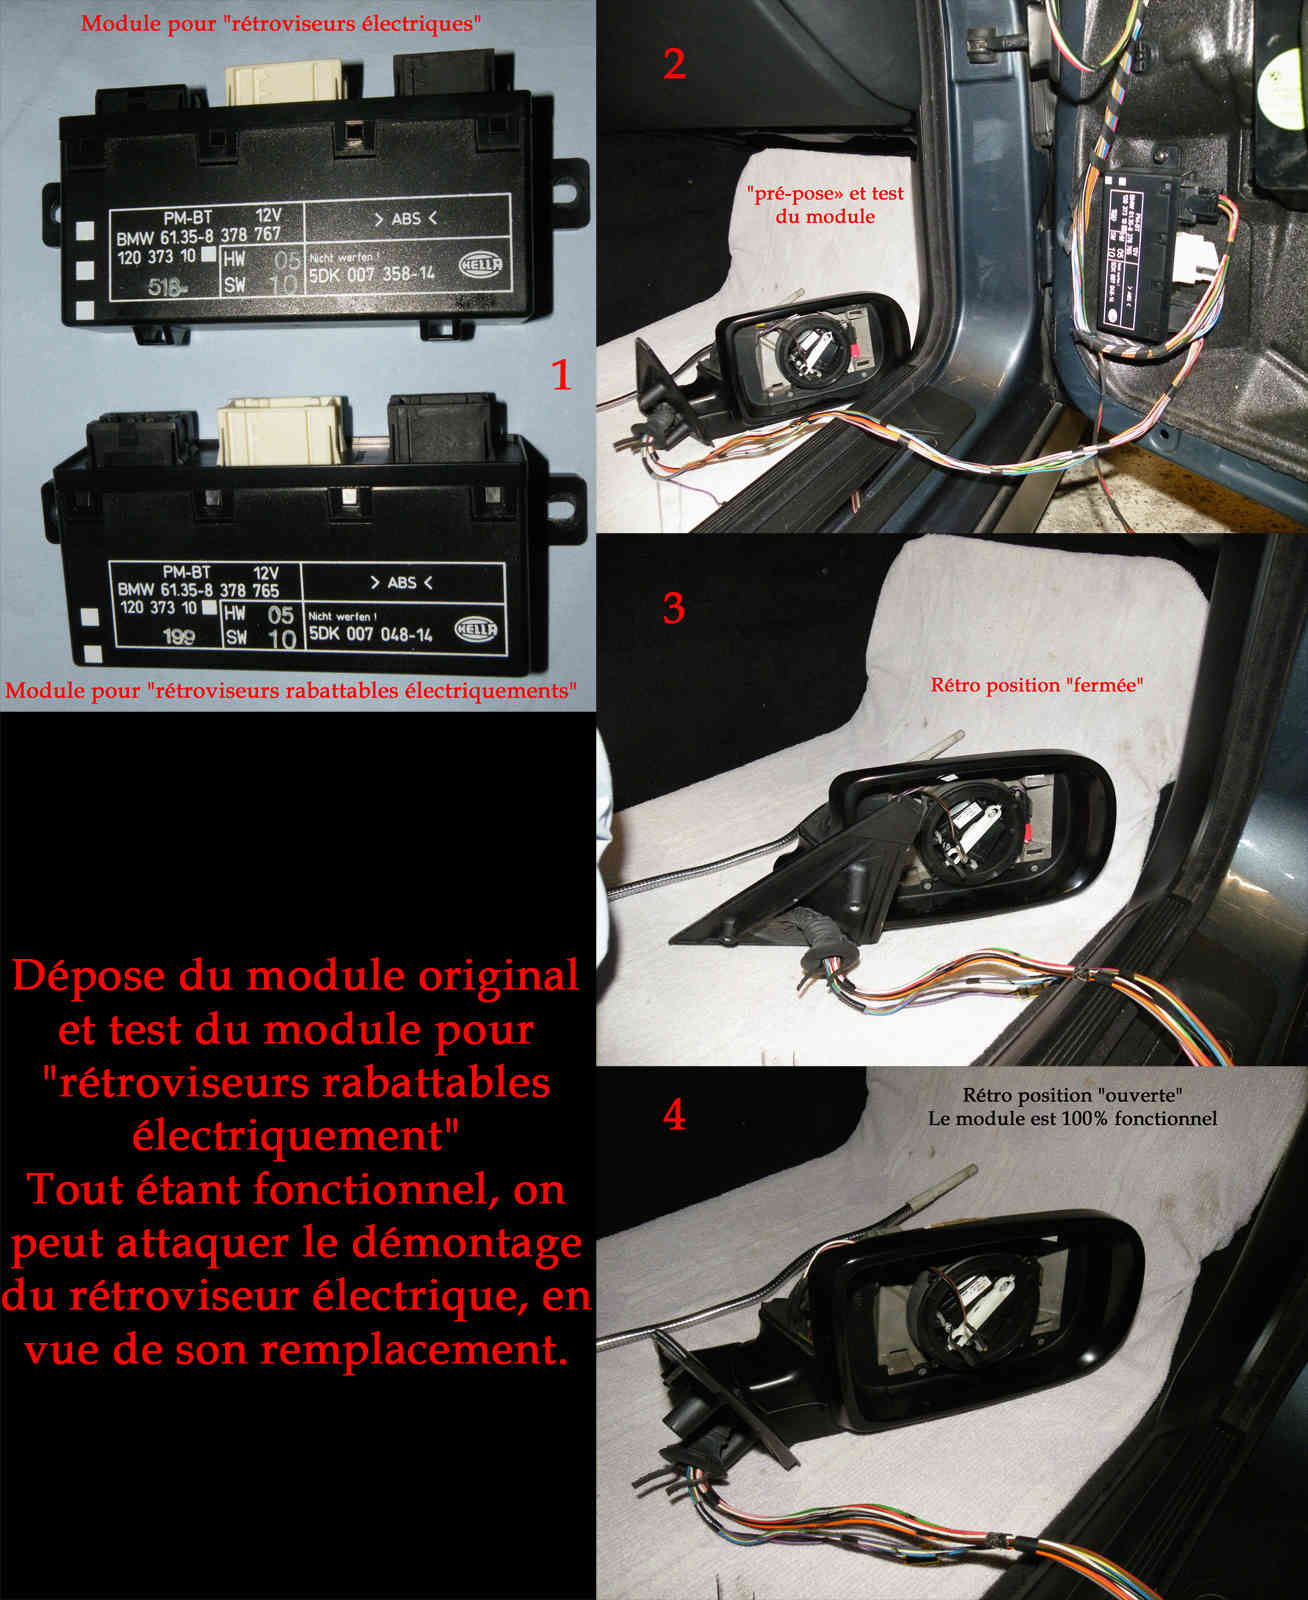 [Tutoriel] Rétrofit montage rétros rabattables électriquement Rr07p10